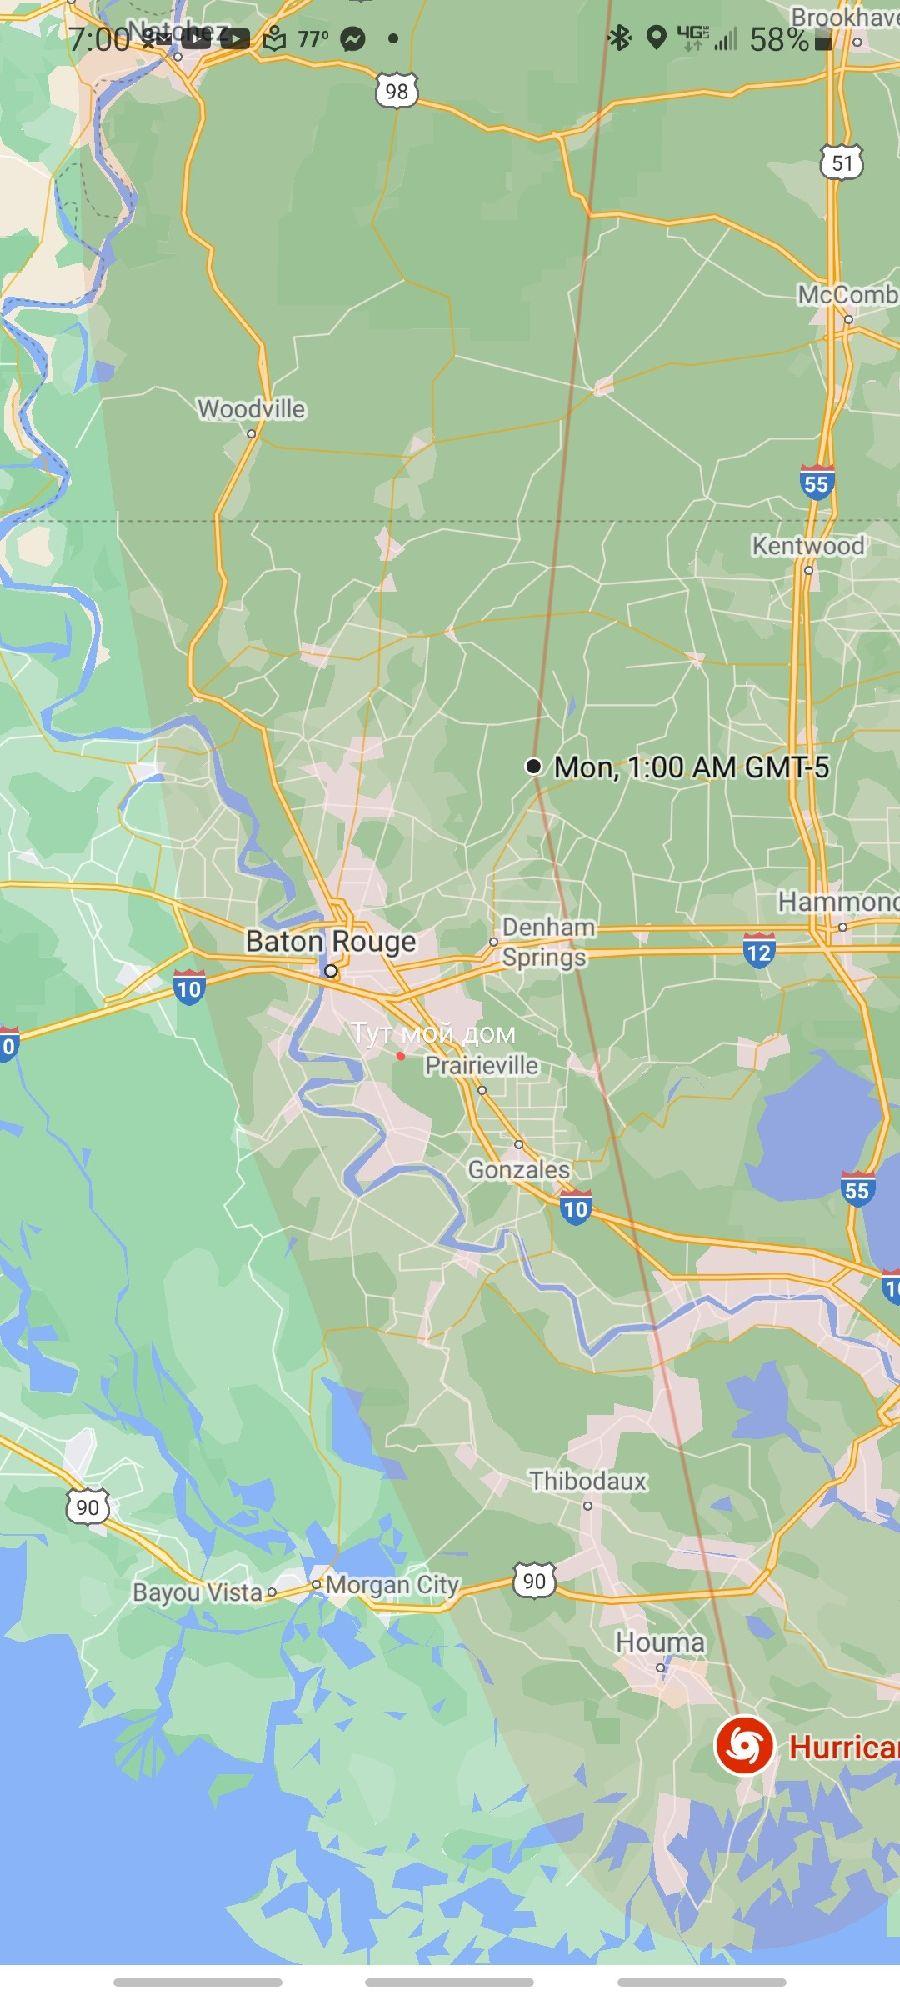 Красная точка показывает место моего дома.